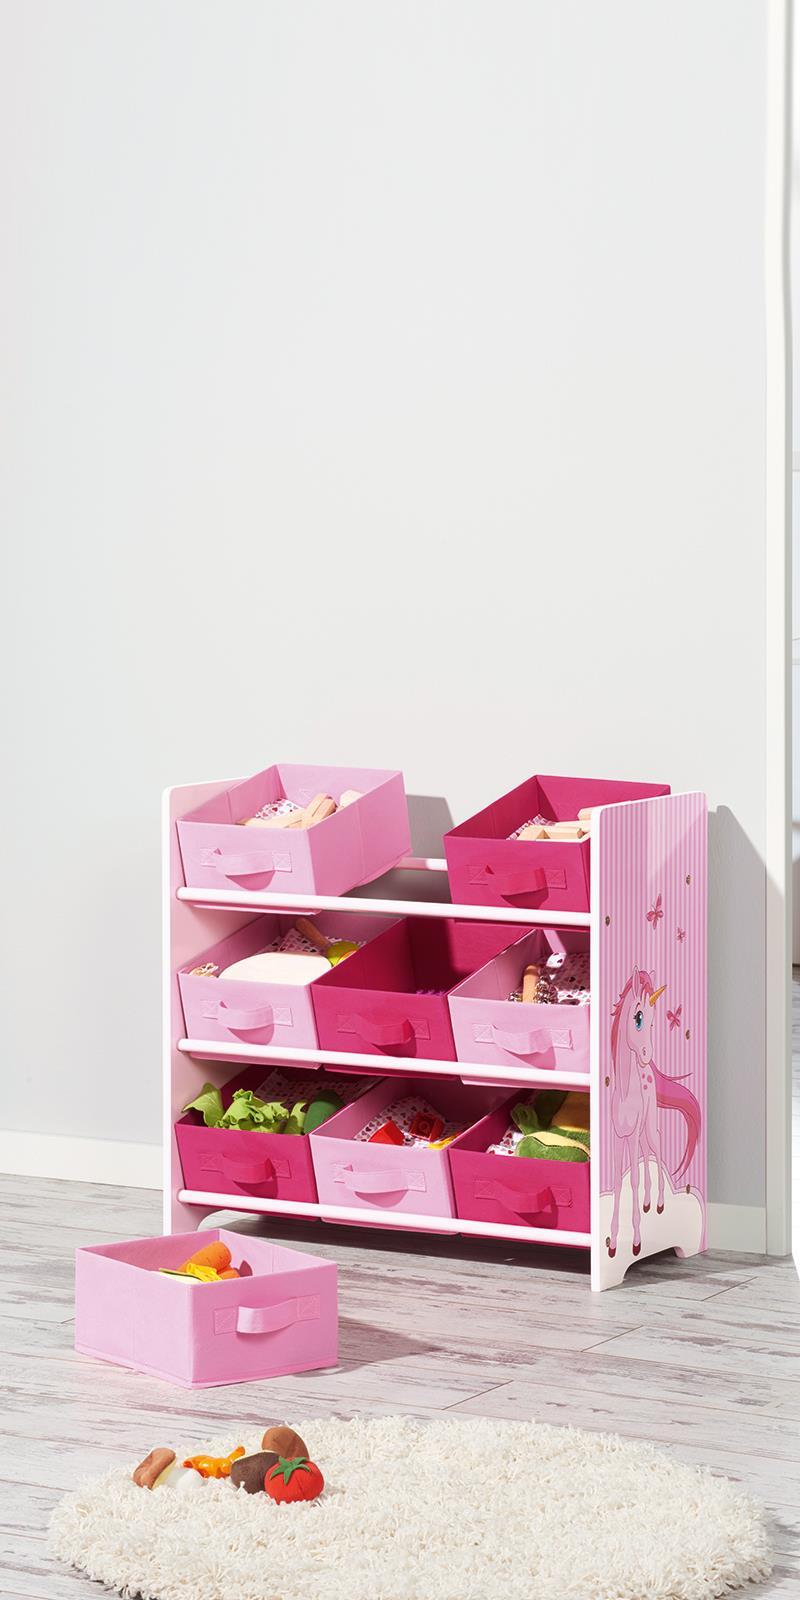 LIVARNO Kinder Aufbewahrungsregal pink Regal Einhorn Spielzeugregal ...